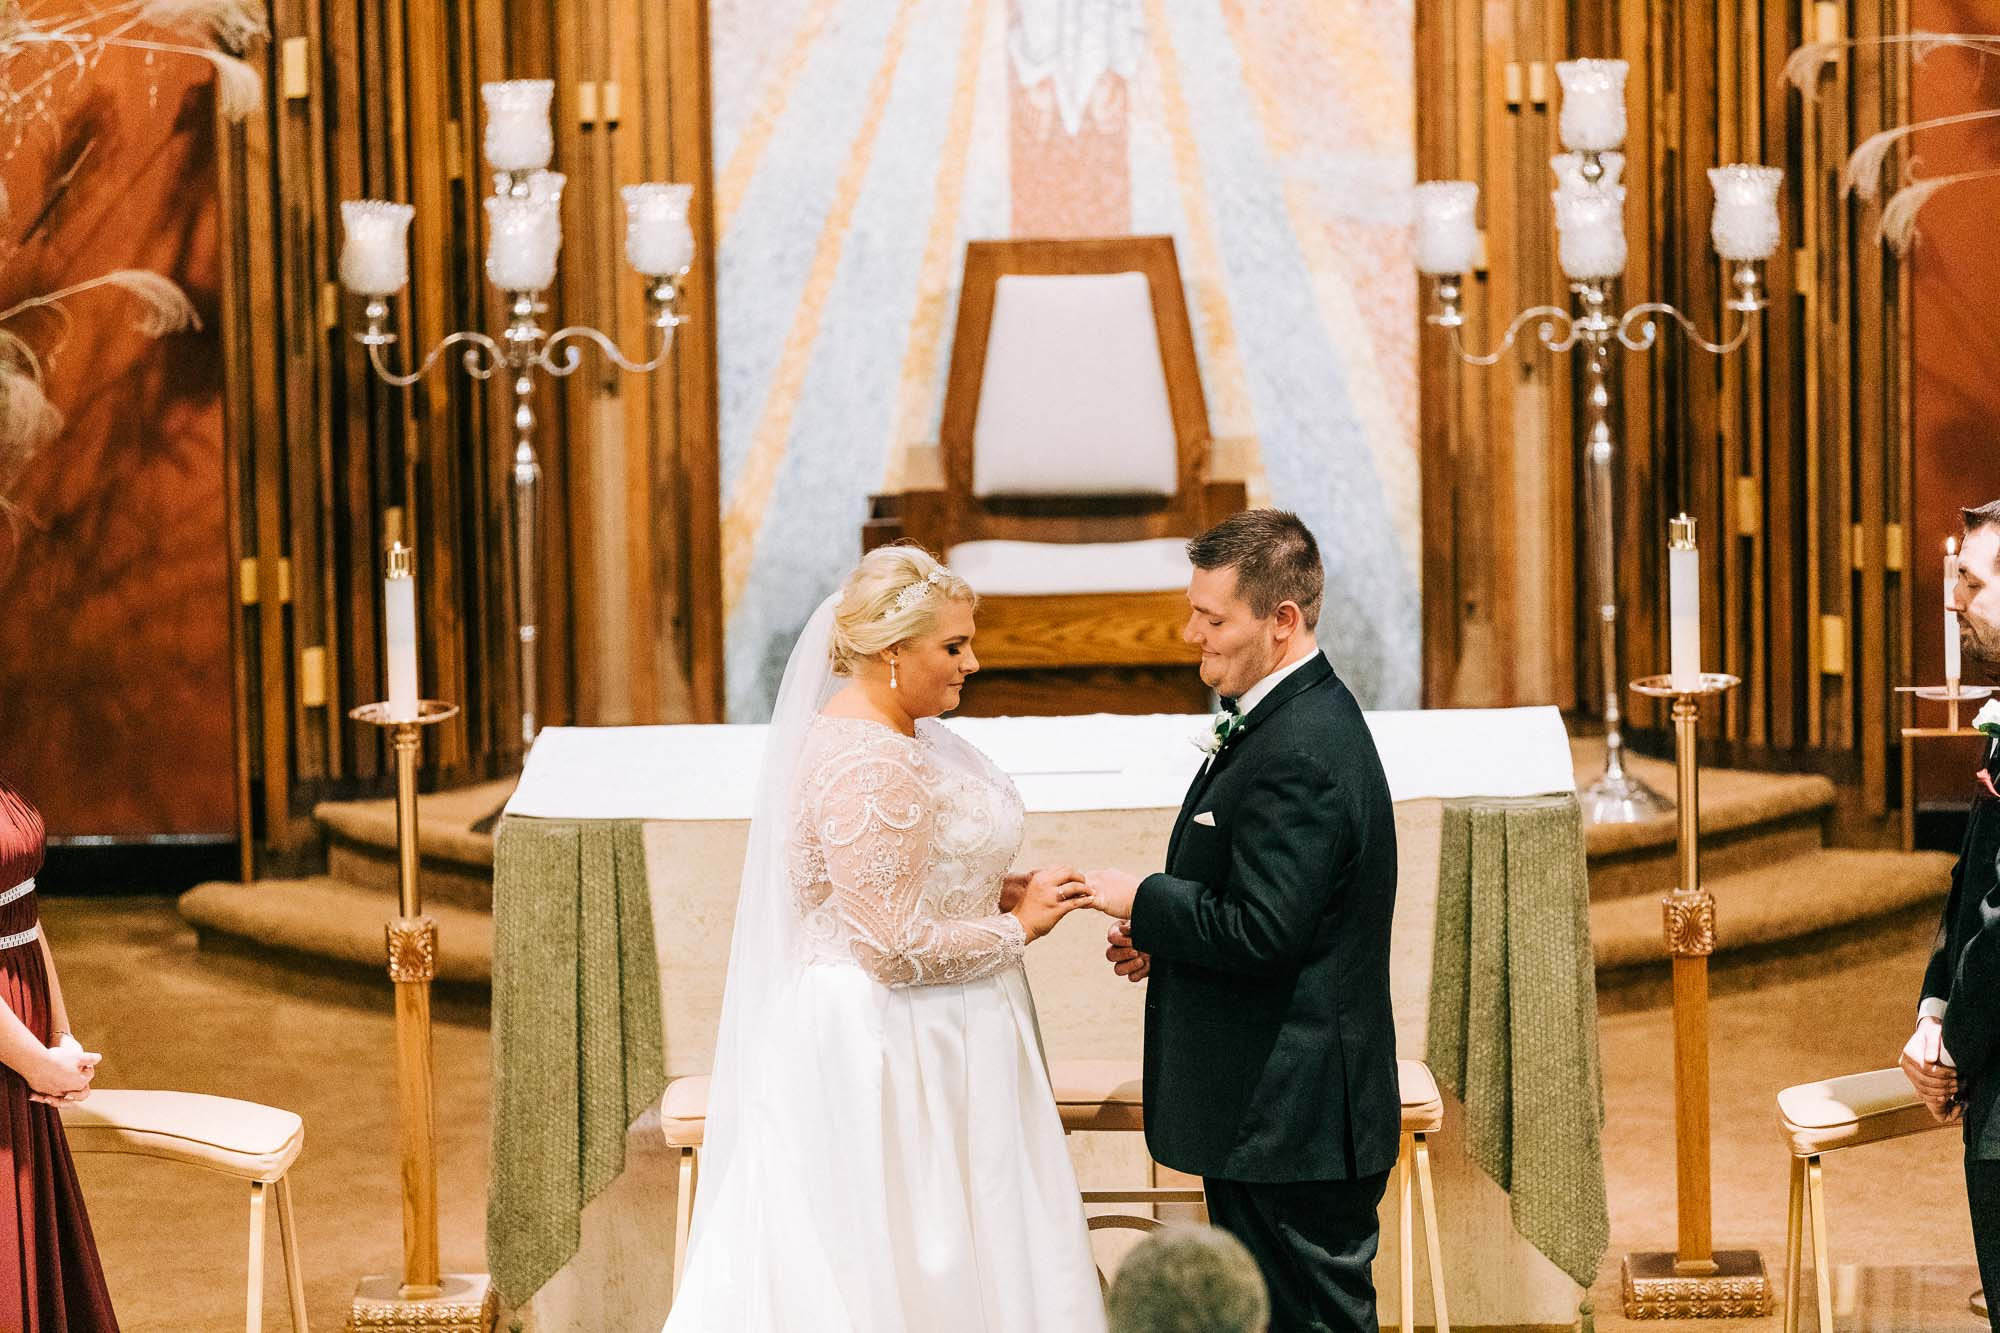 whitewoods-october-wedding-sk-9802.jpg